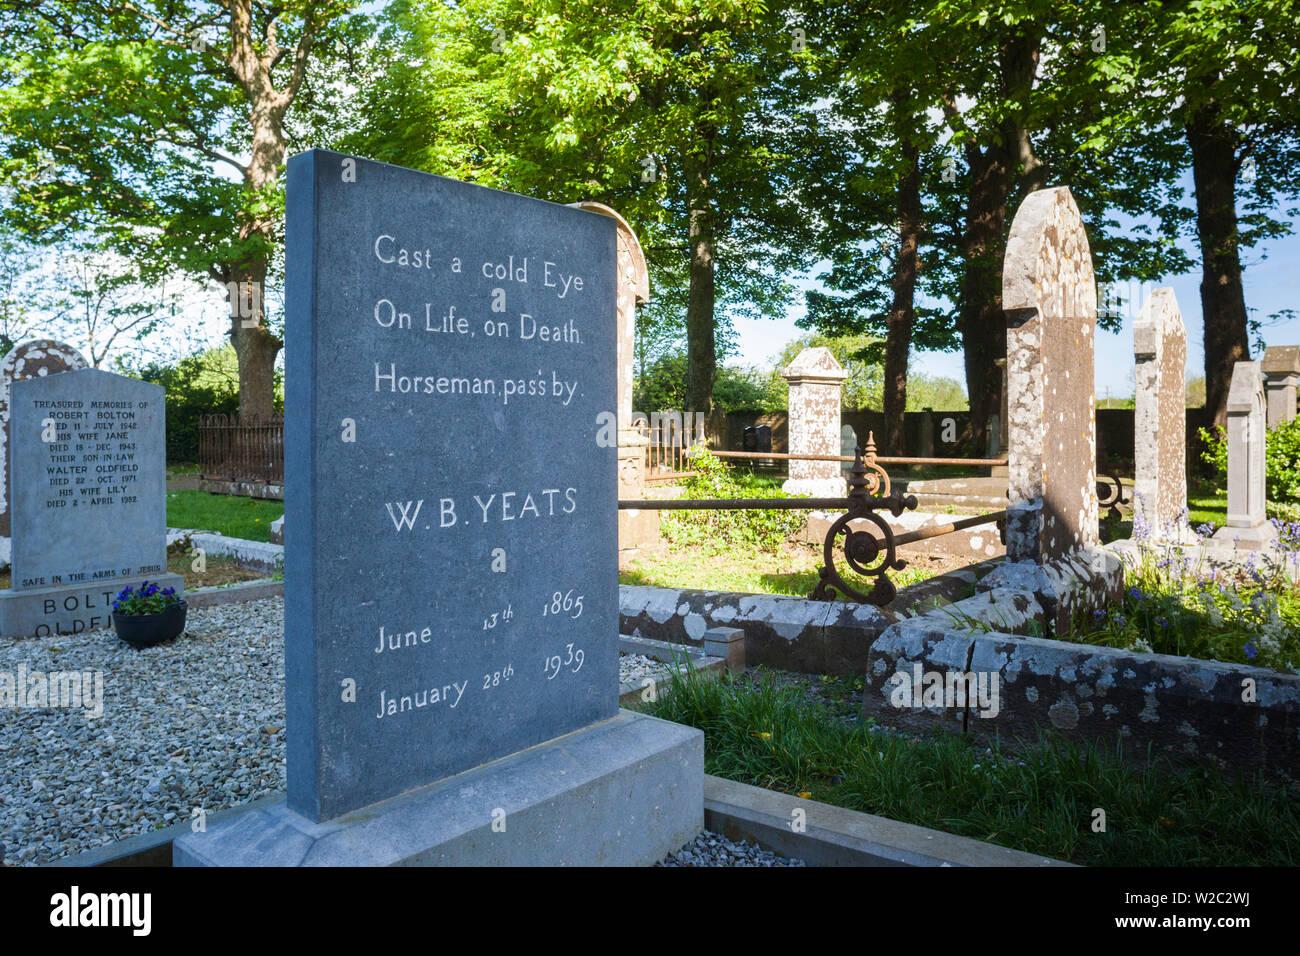 Ireland, County Sligo, Drumcliff, grave of poet WB Yeats - Stock Image